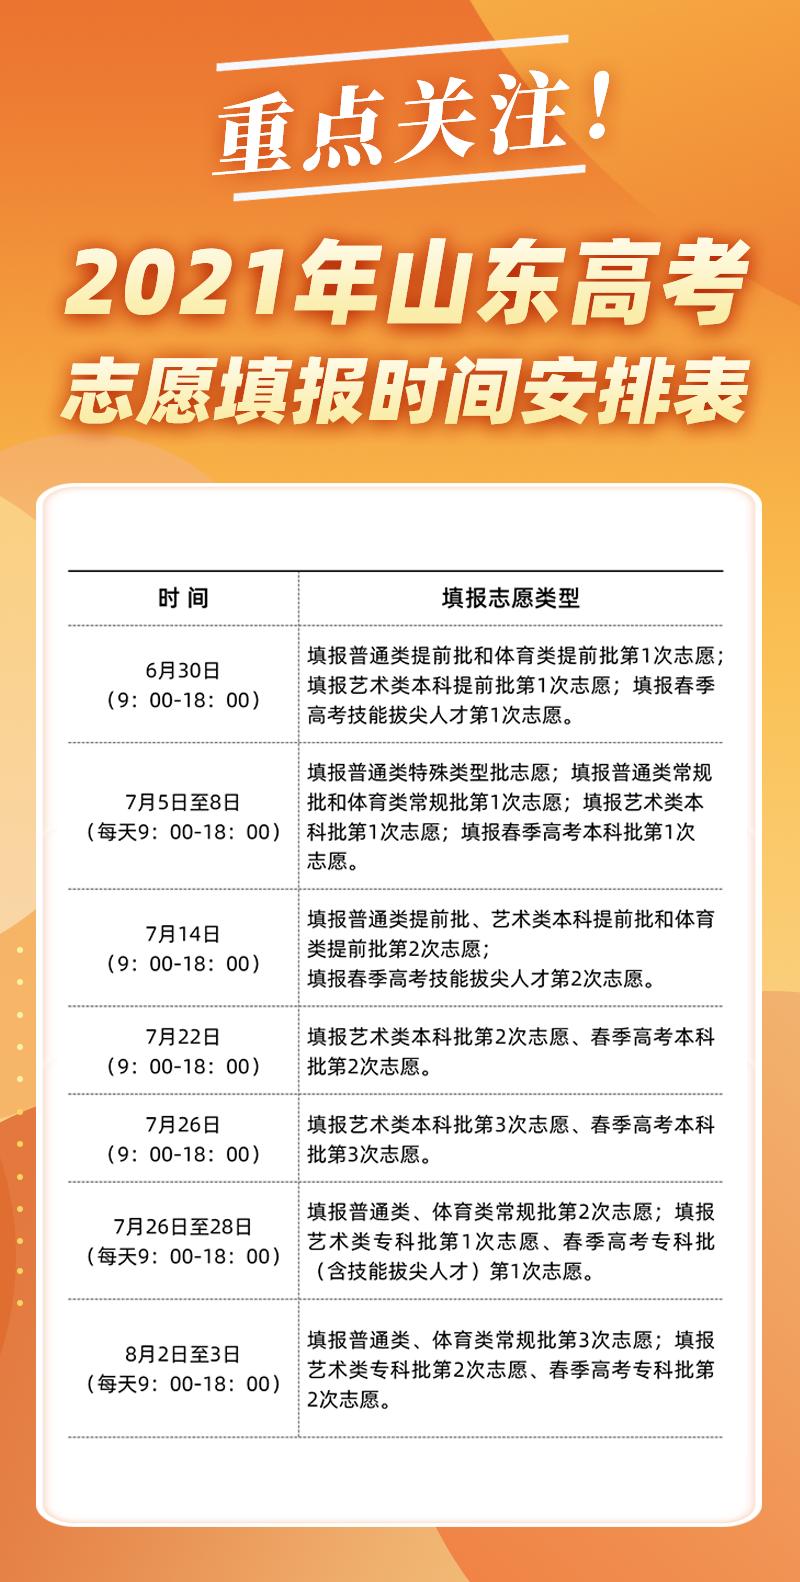 2021年山东高考志愿填报时间安排表